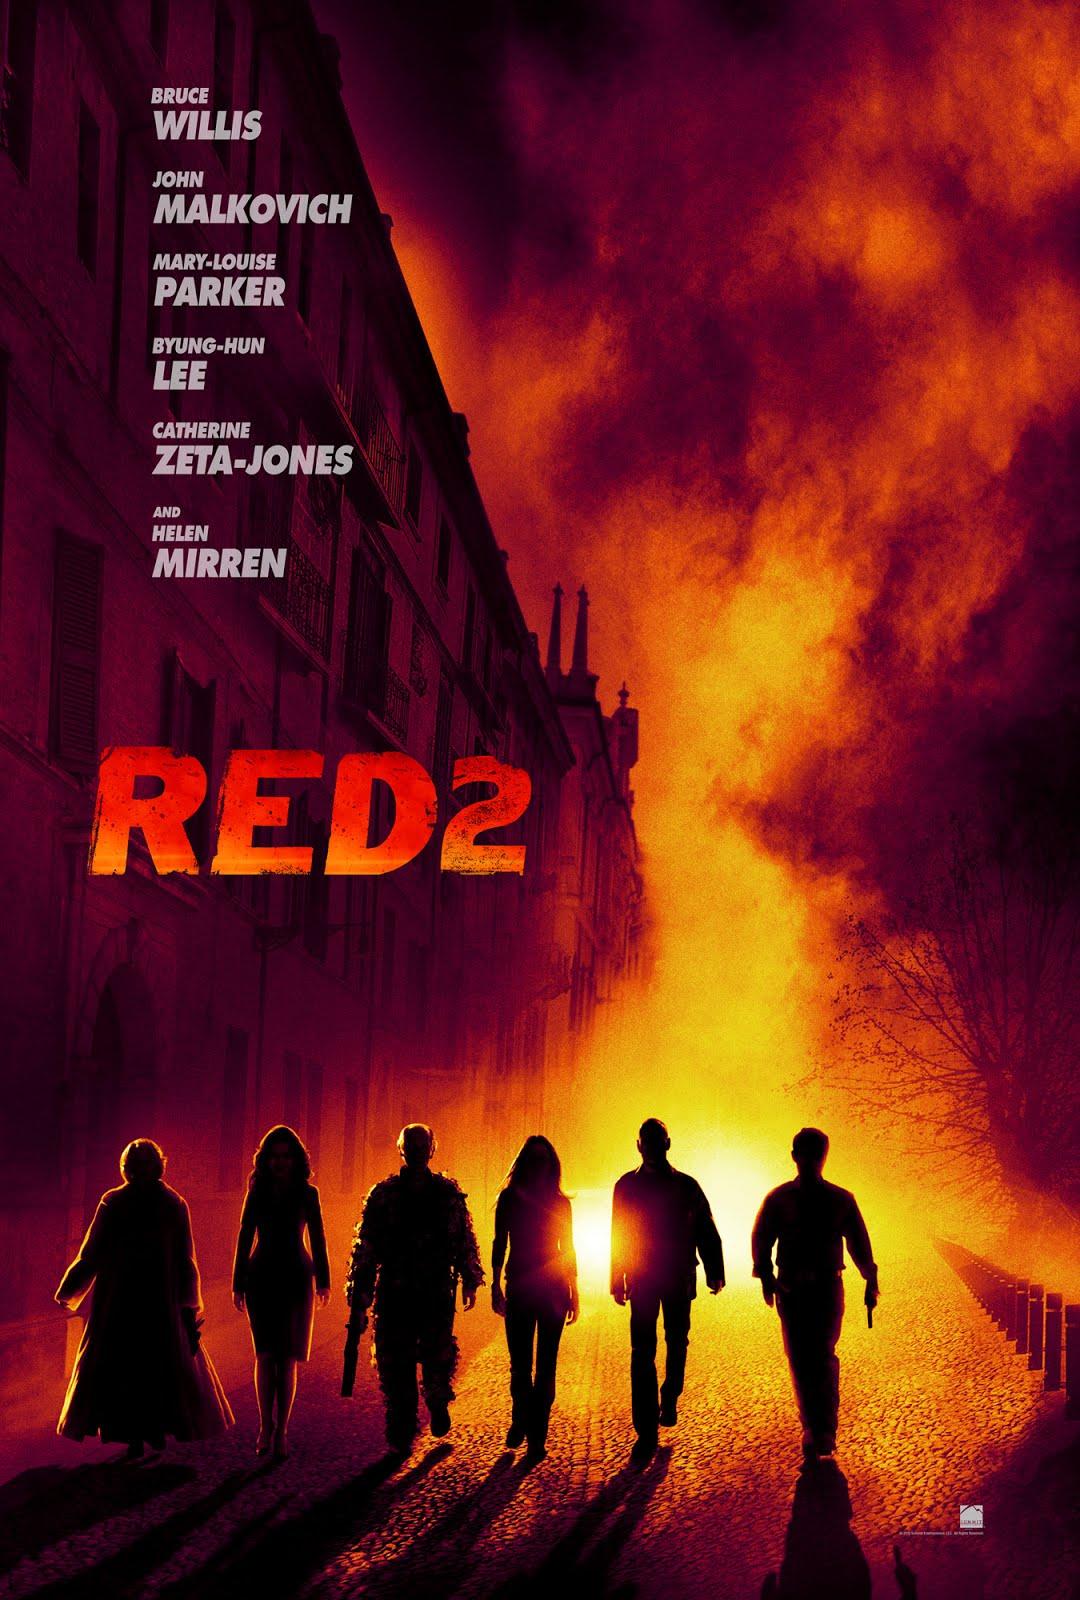 ตัวอย่างหนังใหม่ :  RED2 คนอึดต้องกลับมาอึด 2 ซับไทย Poster